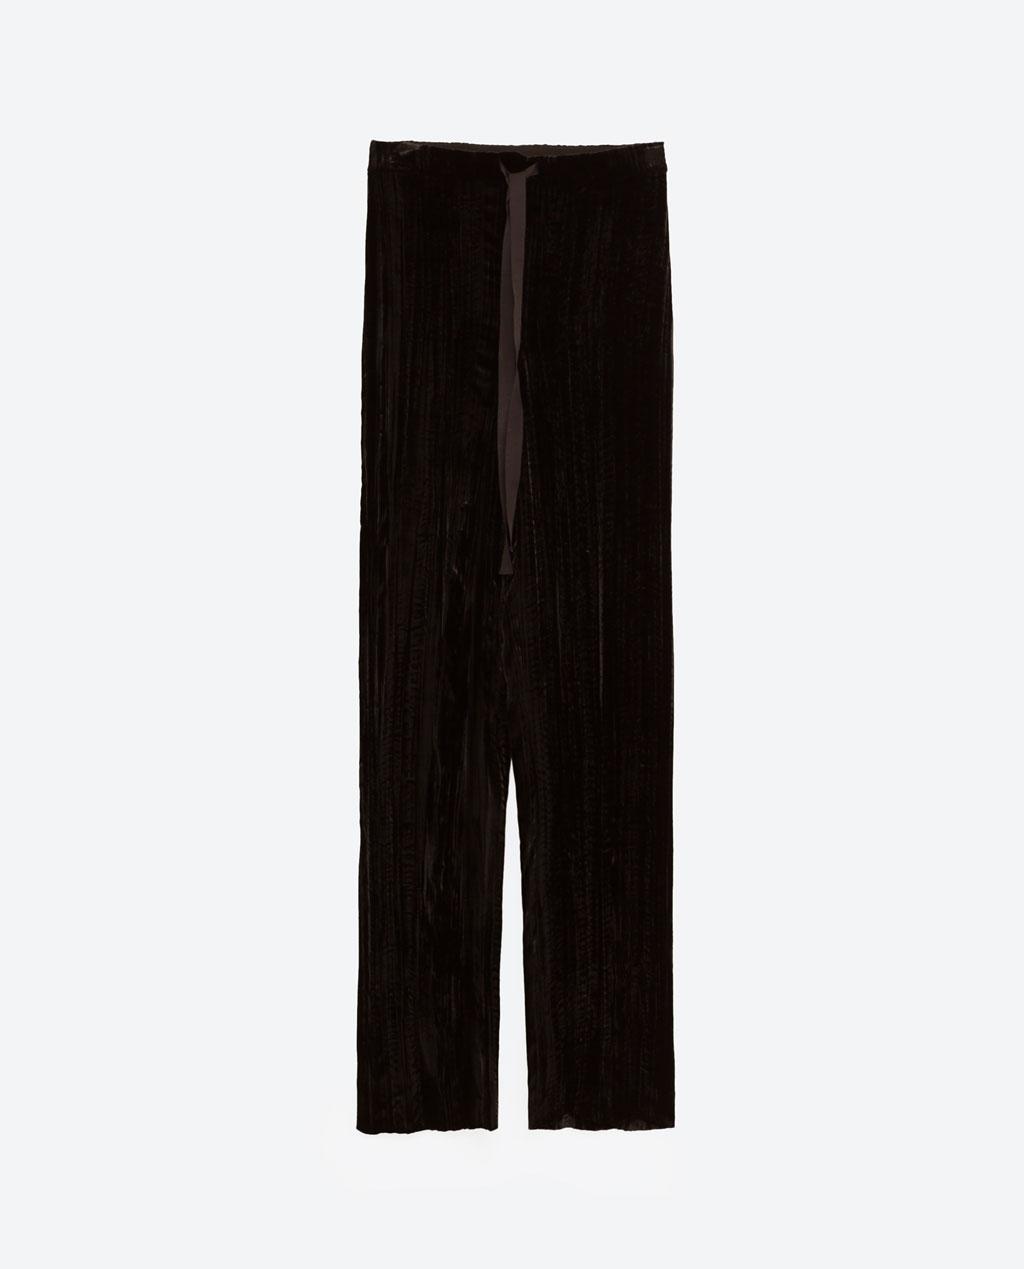 http://www.zara.com/us/en/sale/woman/trousers/view-all/velvet-trousers-c732036p4037513.html